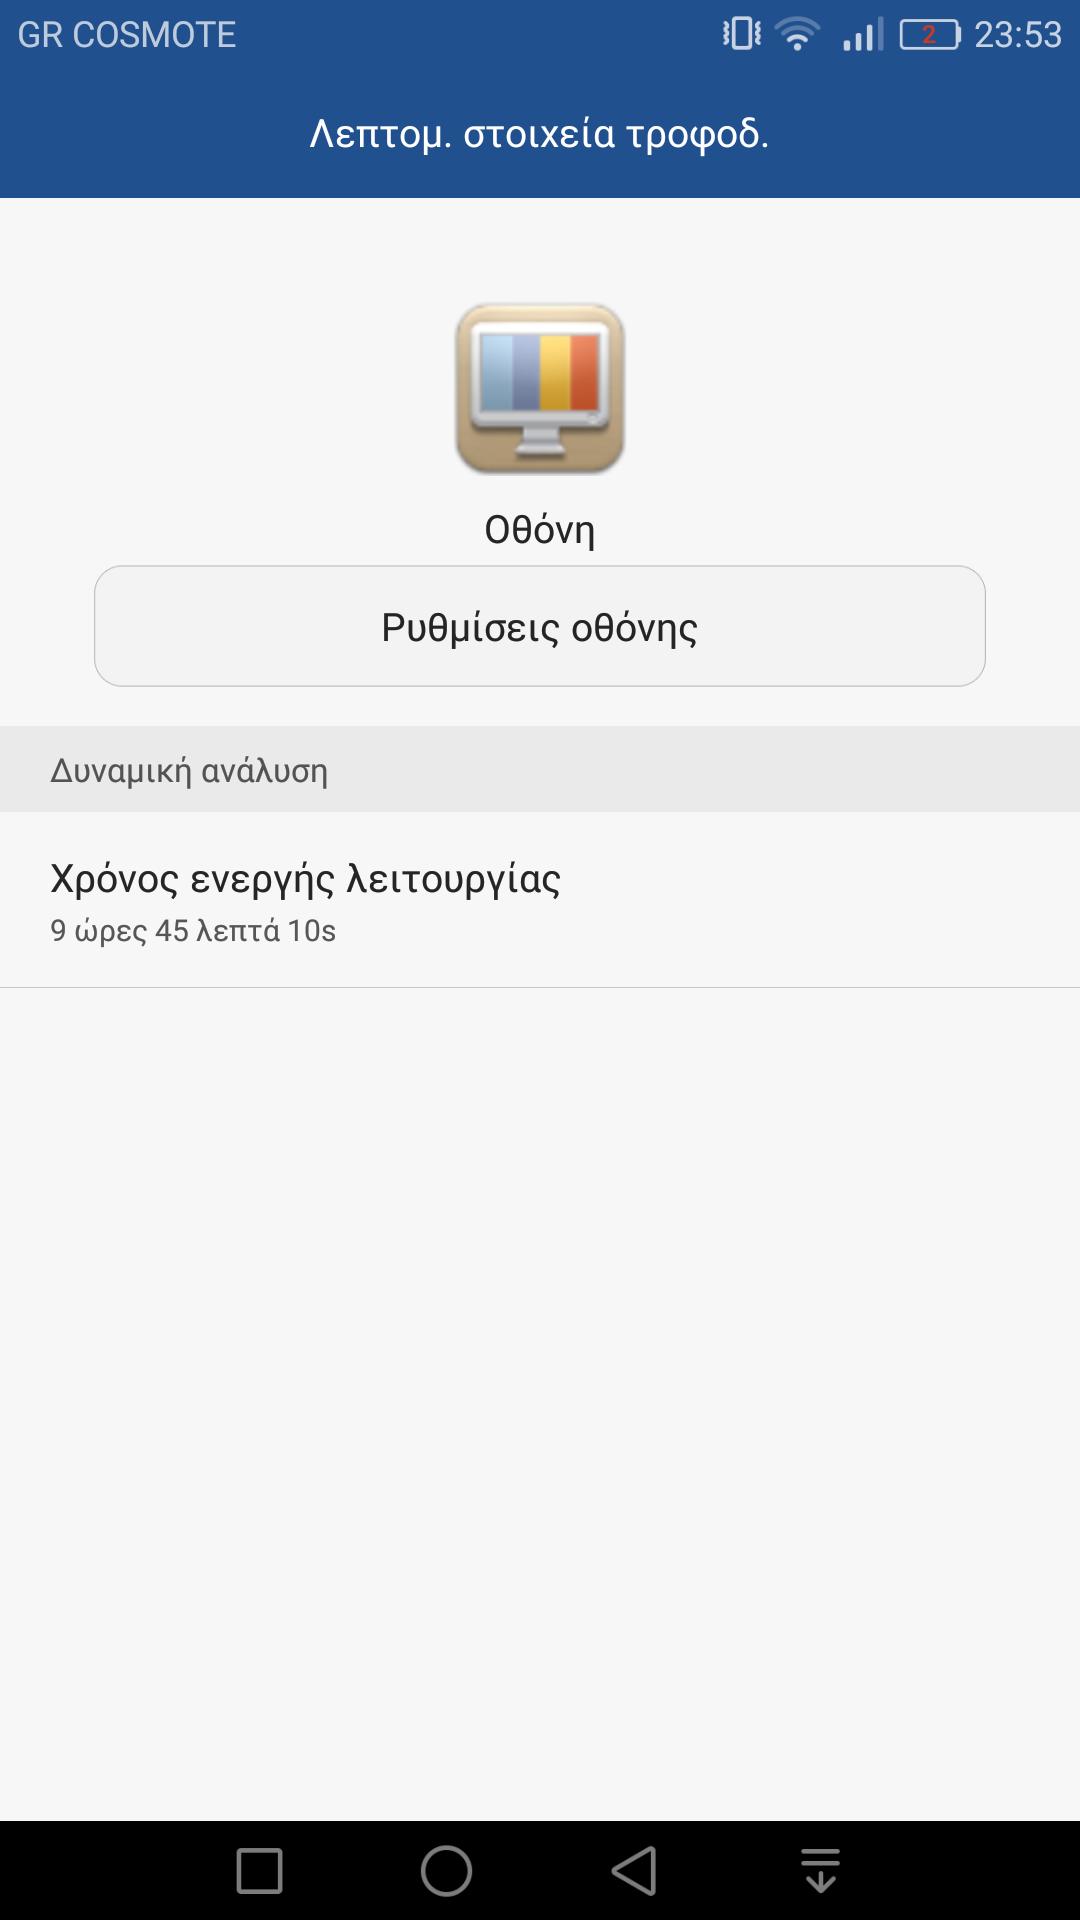 Τροποποιήσεις / Βελτιώσεις για το Galaxy Note 3 (SM-N9005) [Αρχείο